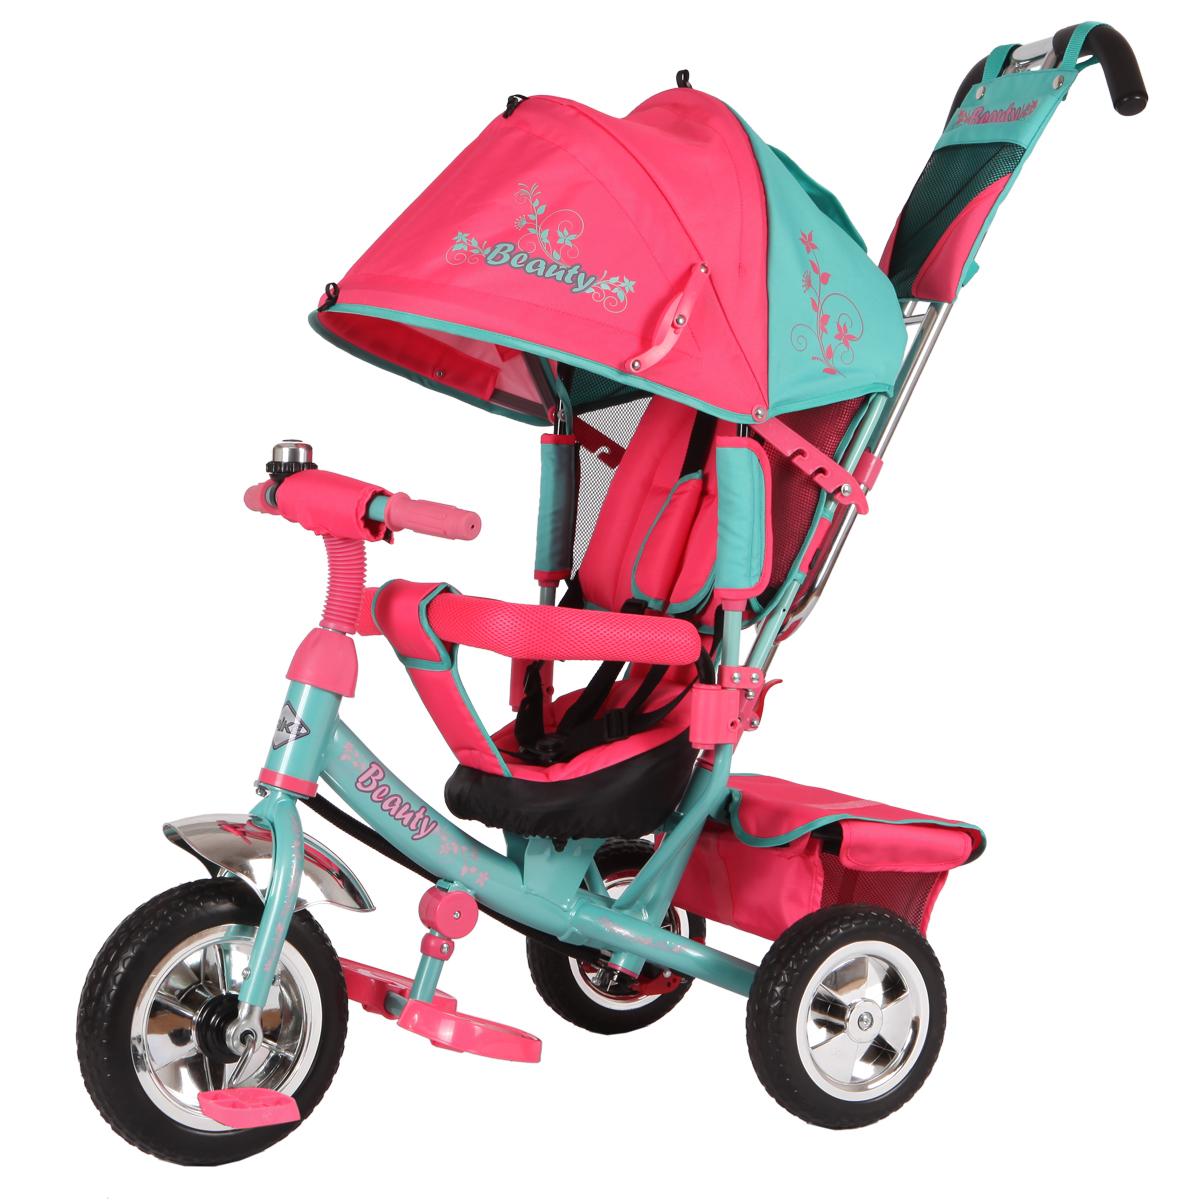 Beauty Велосипед трехколесный цвет мятный розовый B2MP рюкзак beauty 2